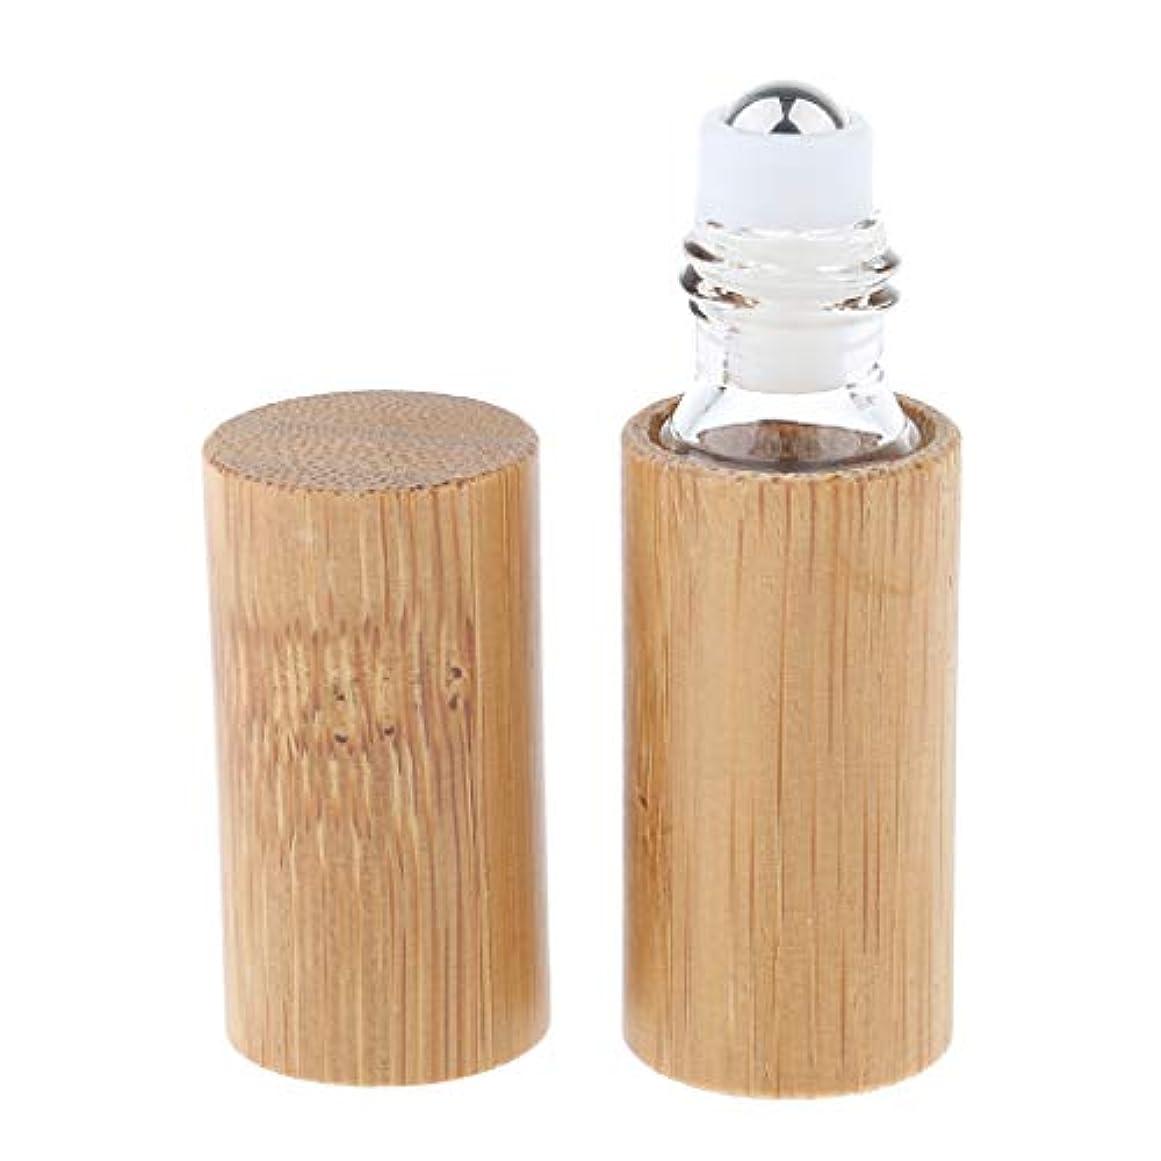 よろしくズボン光電IPOTCH アロマボトル 保存容器 天然竹 エッセンシャルオイル 香水 保存用 詰め替え ローラーボール 手作り